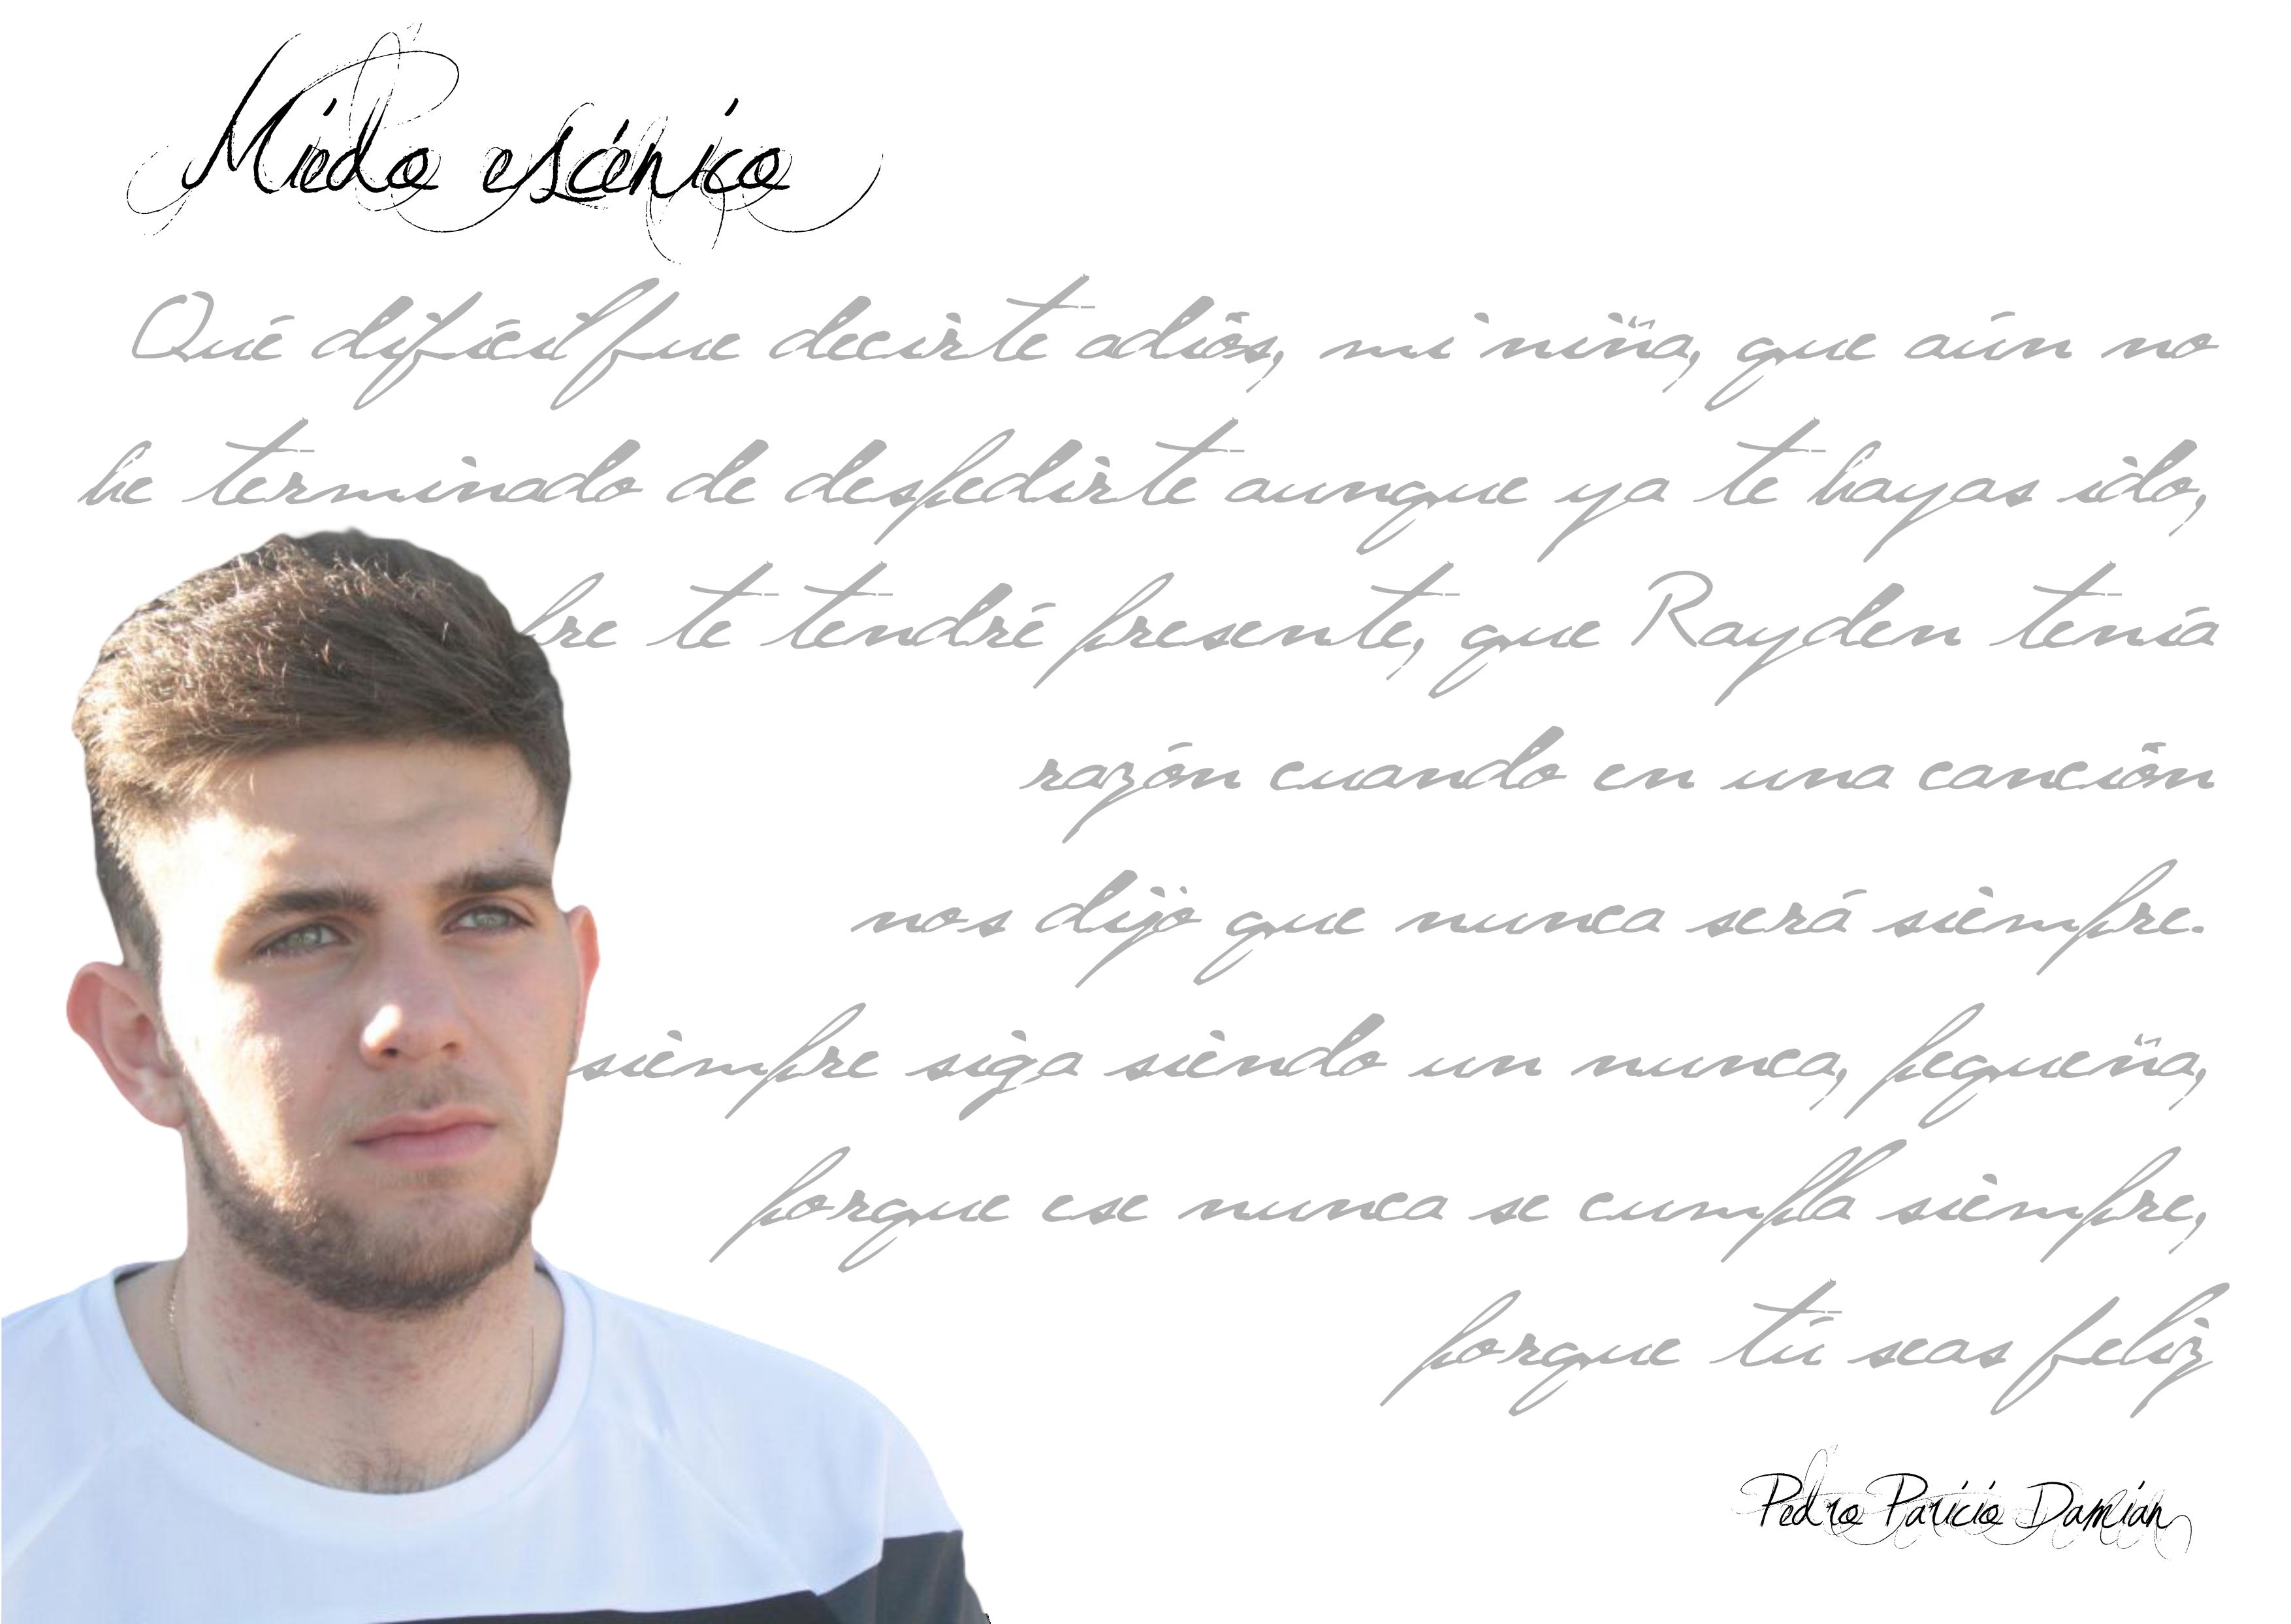 """Entrevista a Pedro Paricio Damian pedro paricio damian - FichaAutor - Pedro Paricio Damian: """"El amor es lugar común para toda persona que escribe poesía"""""""